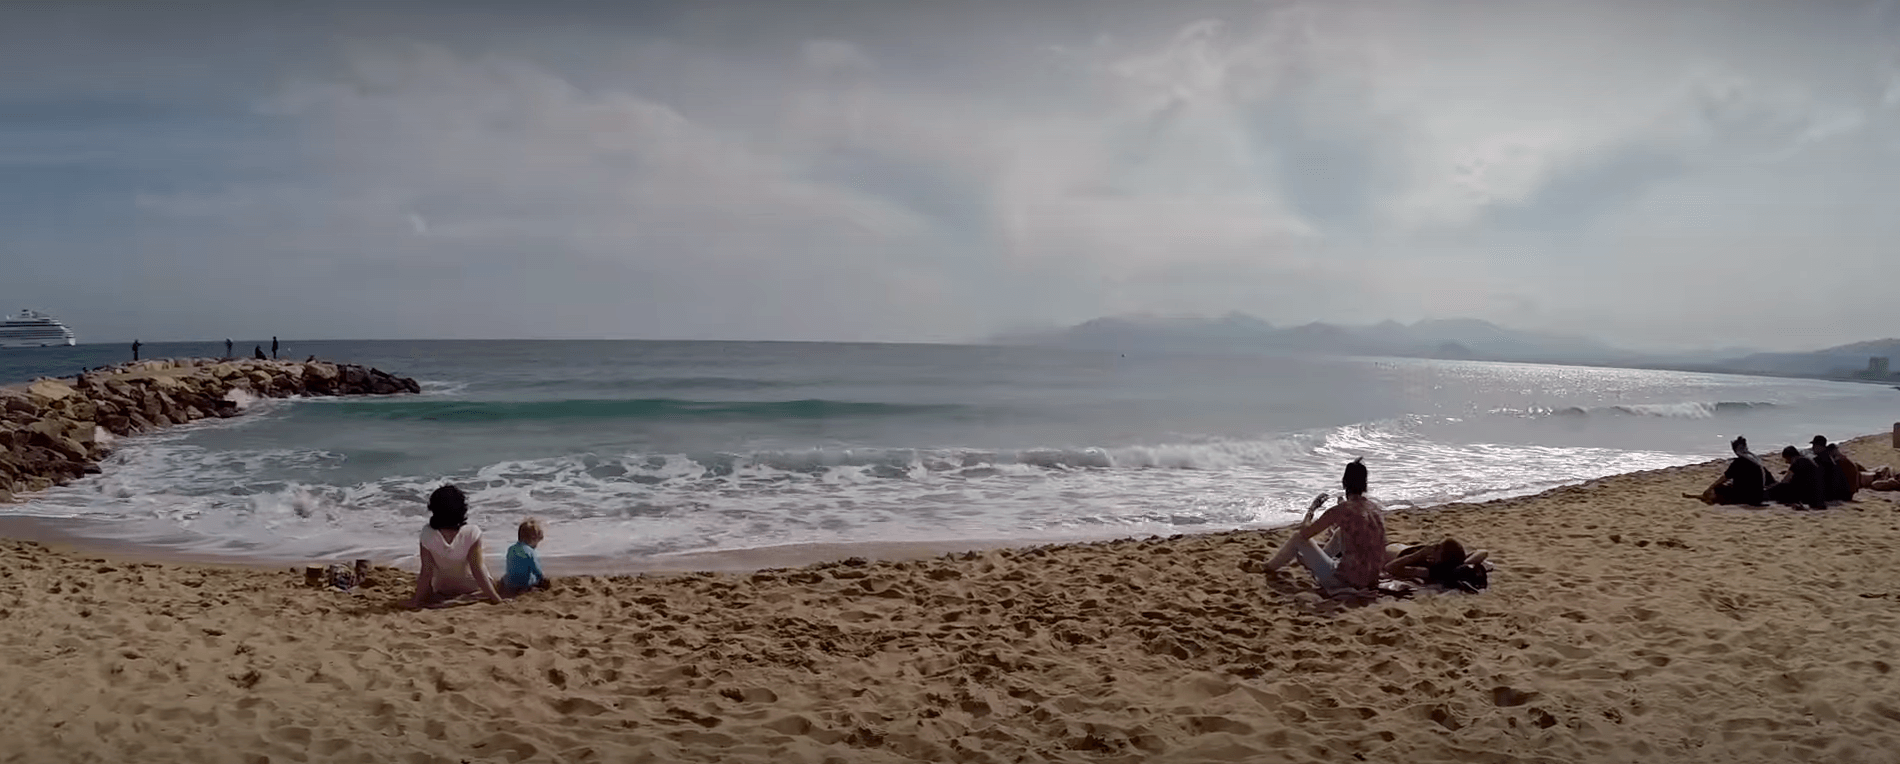 Festival de Cannes, Lamborghinis et plongé ! – Vlog#18